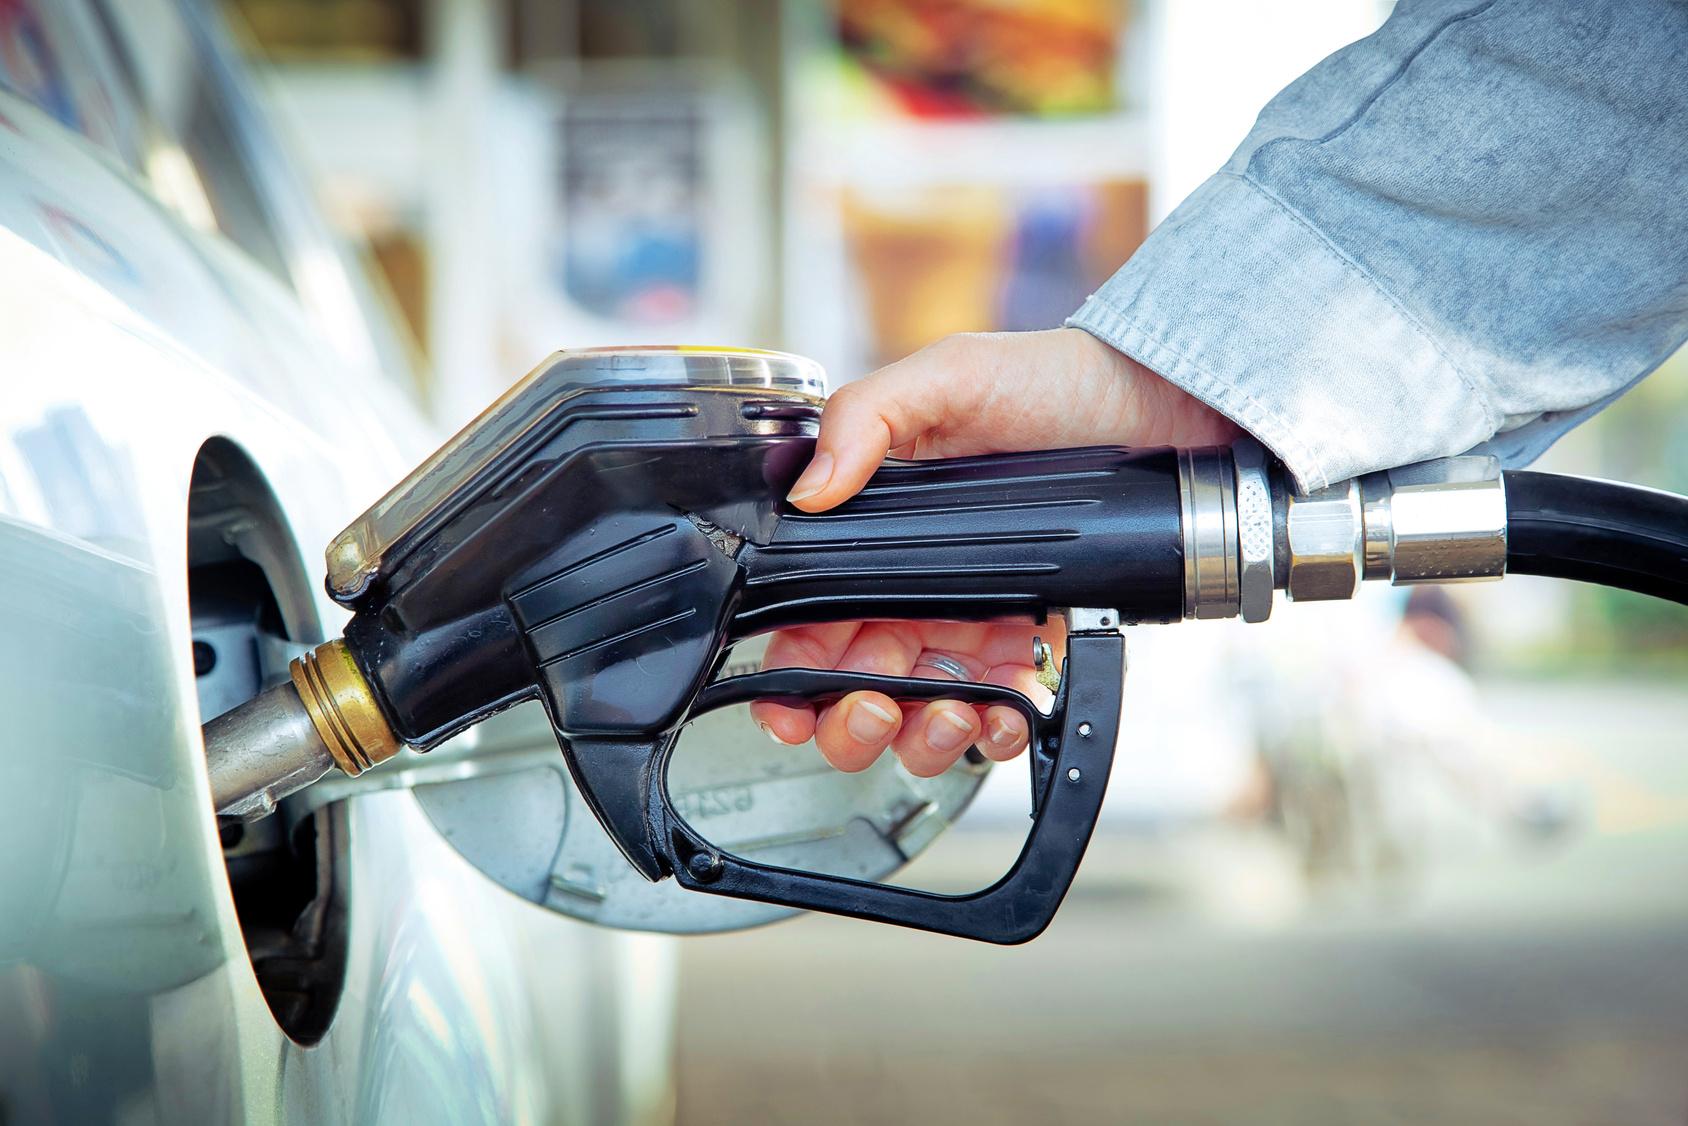 Fuel Savings Tip: Slow down!